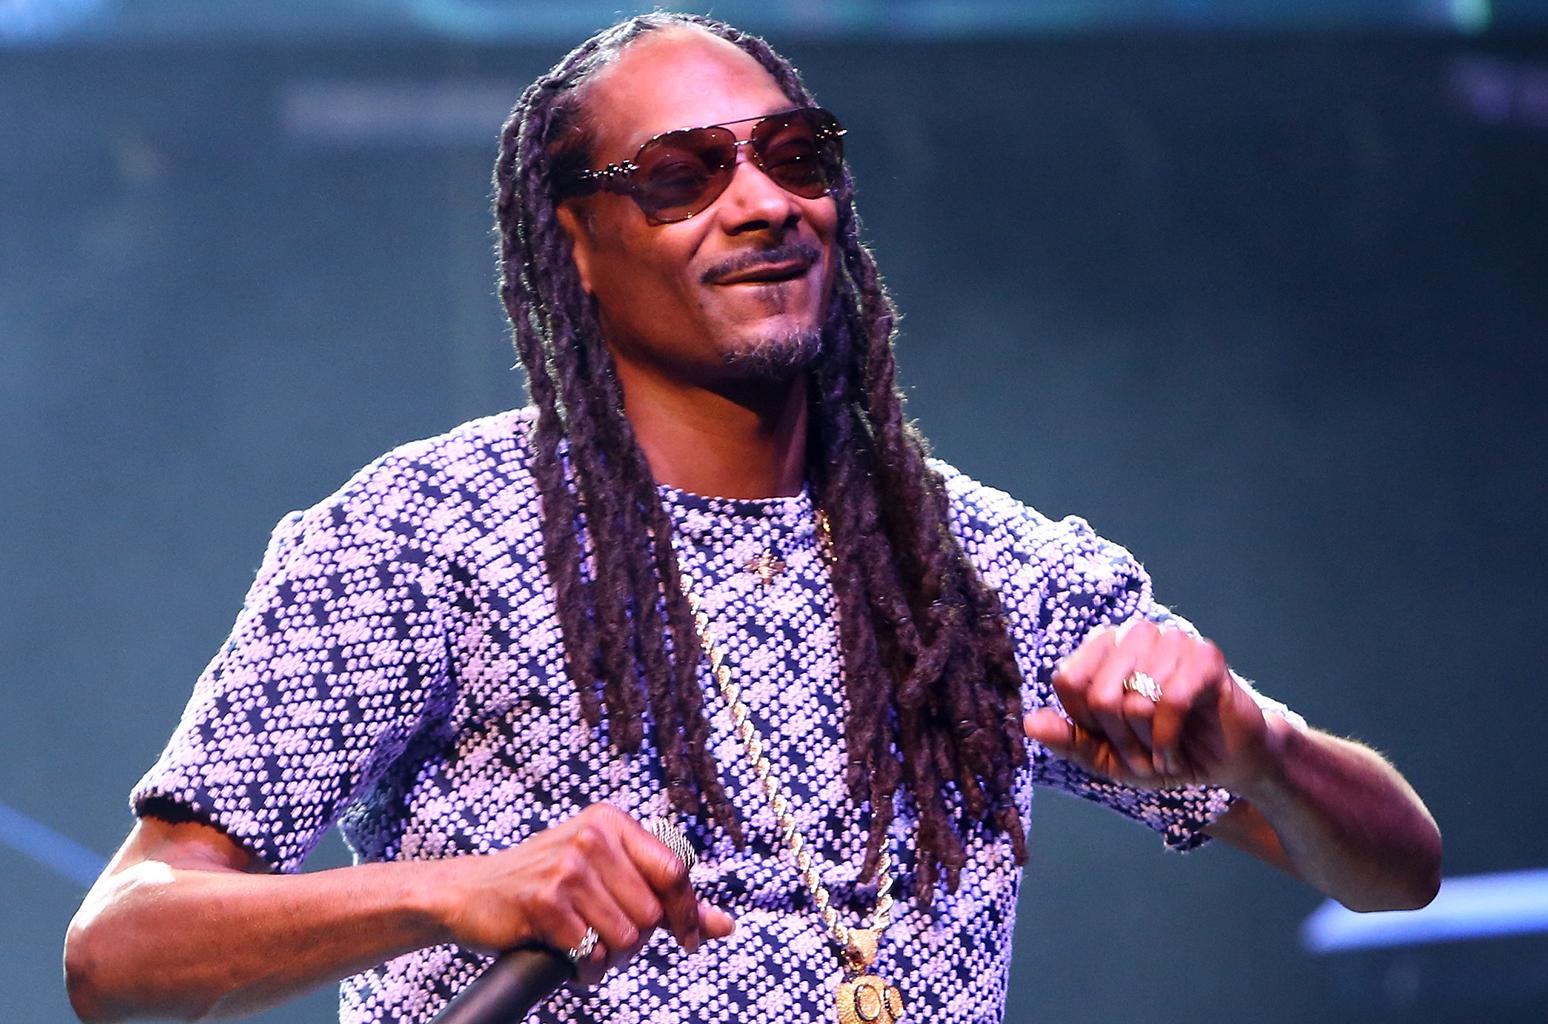 Snoop Dogg Trolls Kanye West by Singing 'In My Feelings' on Instagram